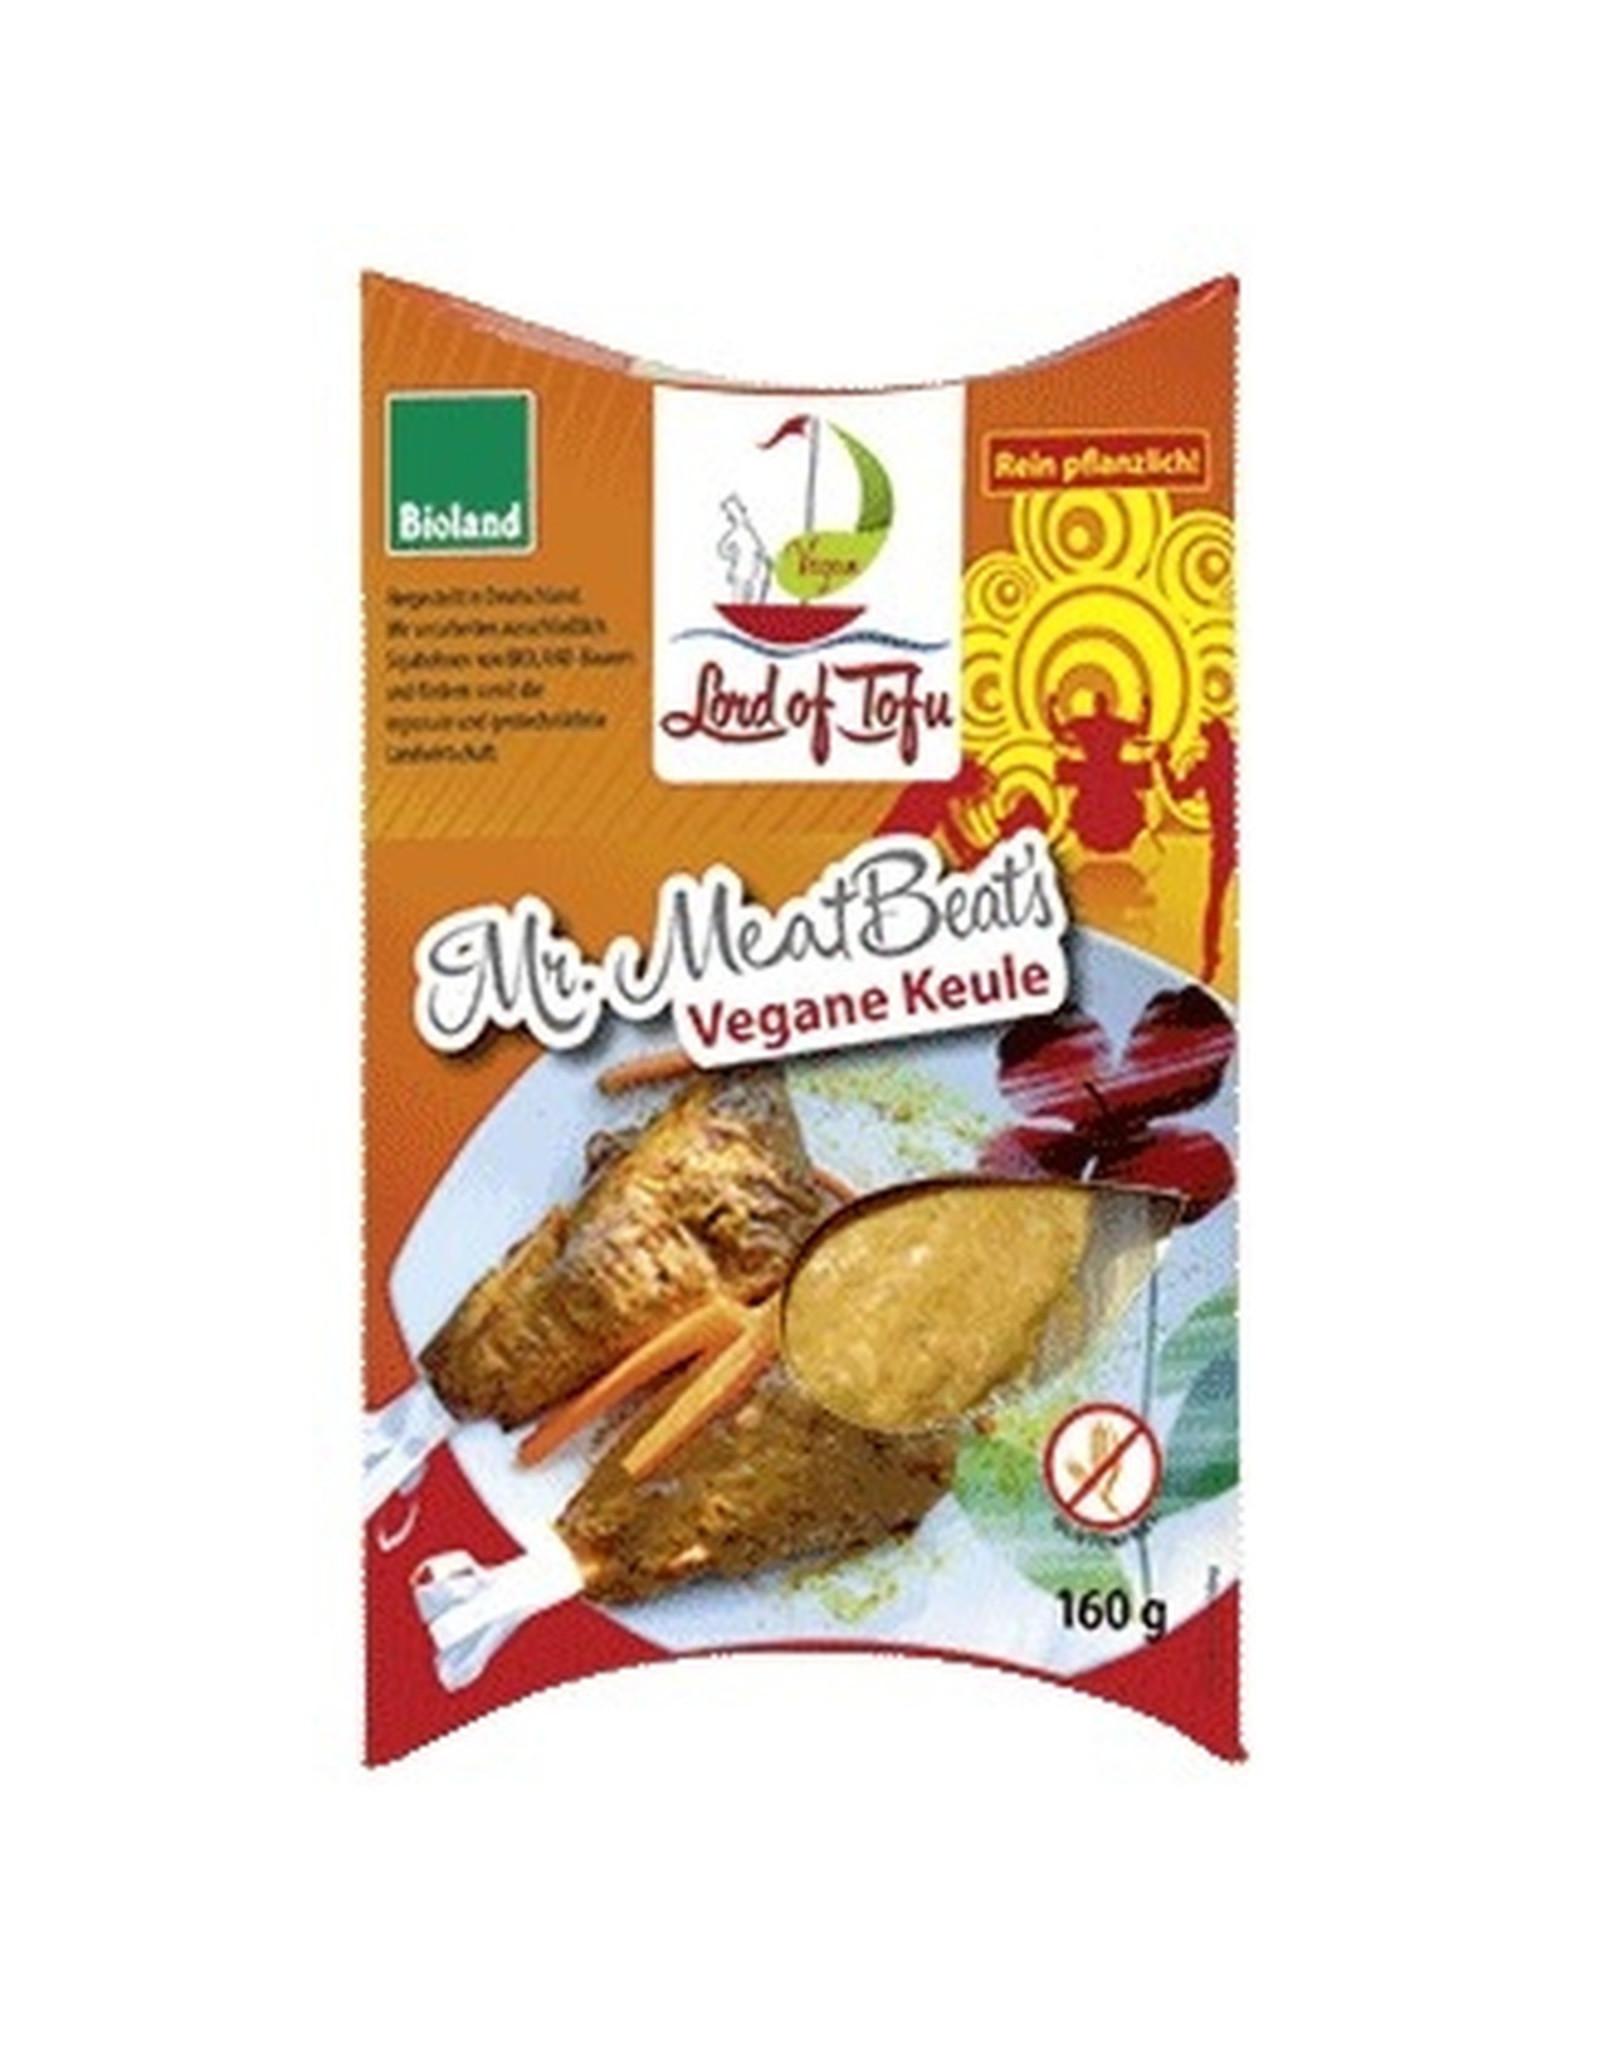 Lord of Tofu Mr.Meatbeat's Vegane Keule 160g